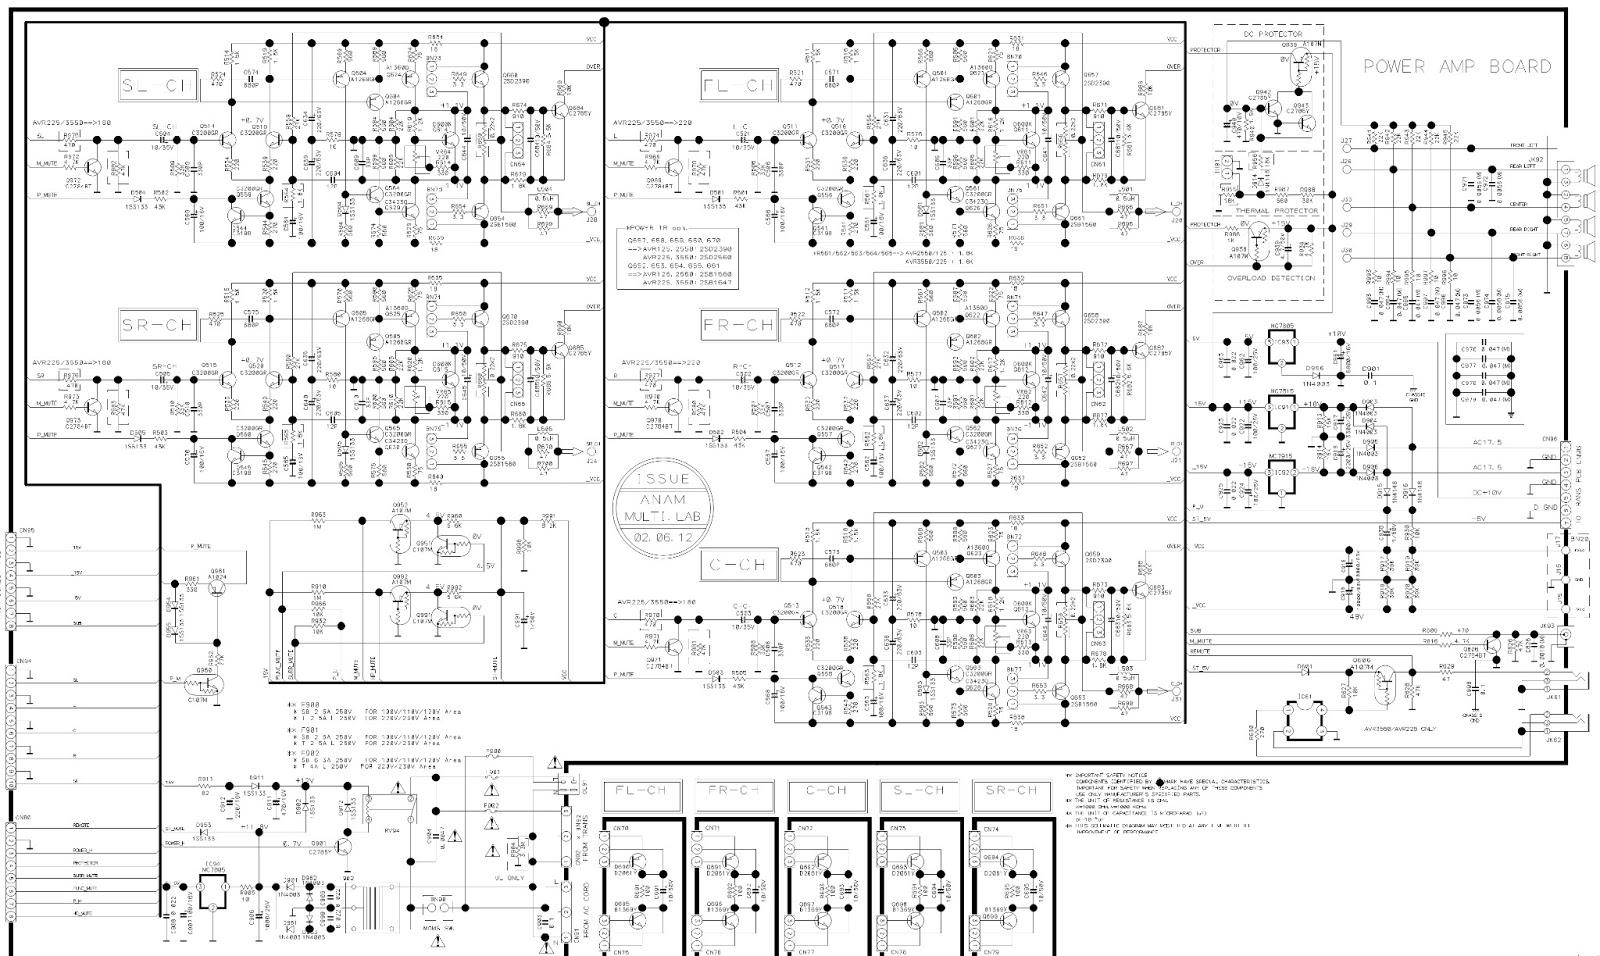 harman kardon avr-2550 - main board